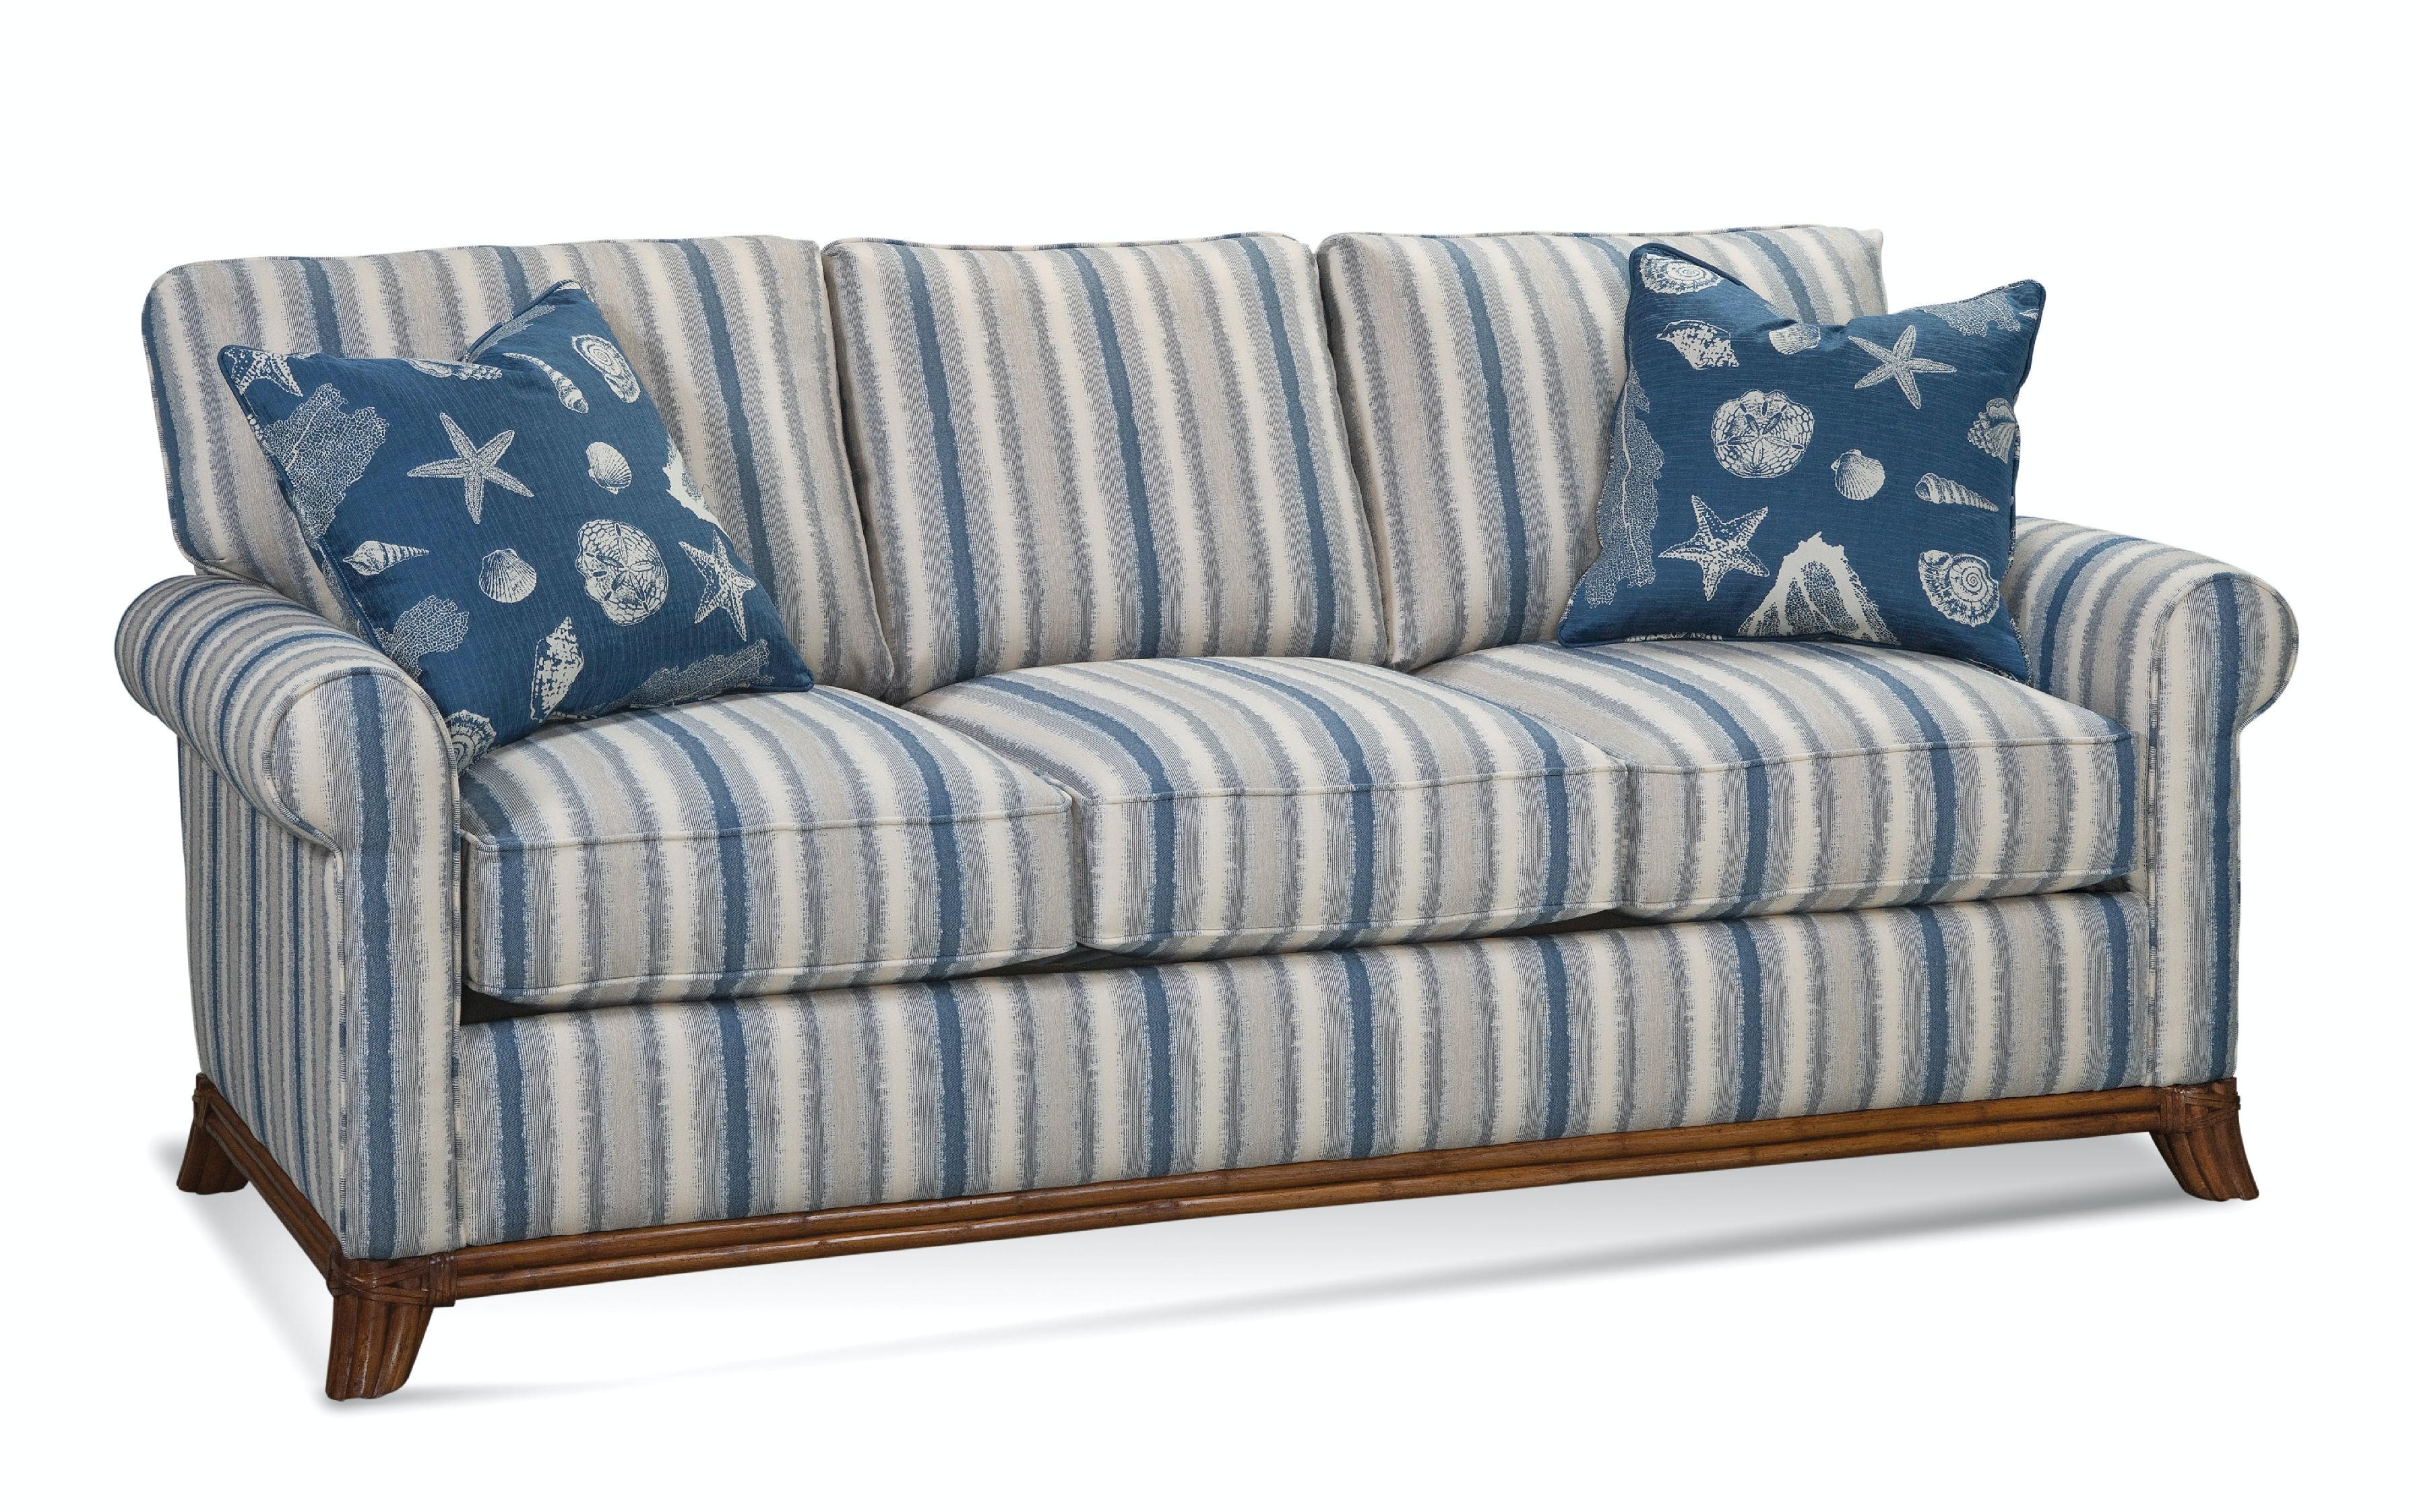 Braxton Culler Living Room Sofa 1077 011 Seaside